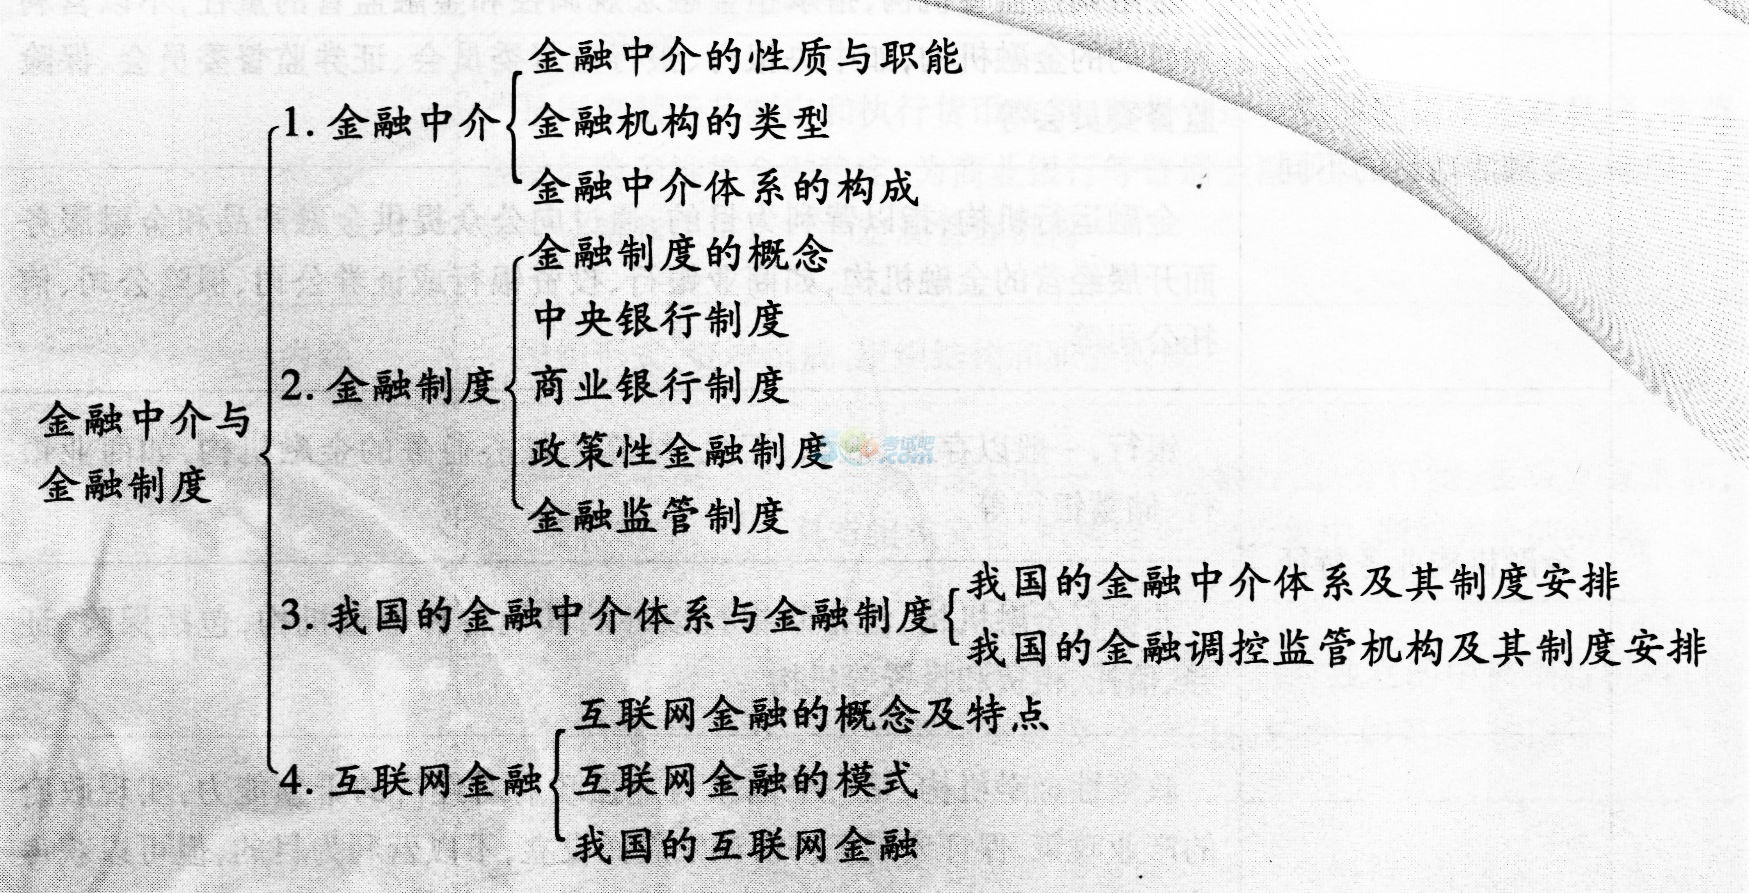 2015年经济师考试《中级金融》备考章节讲义(3)